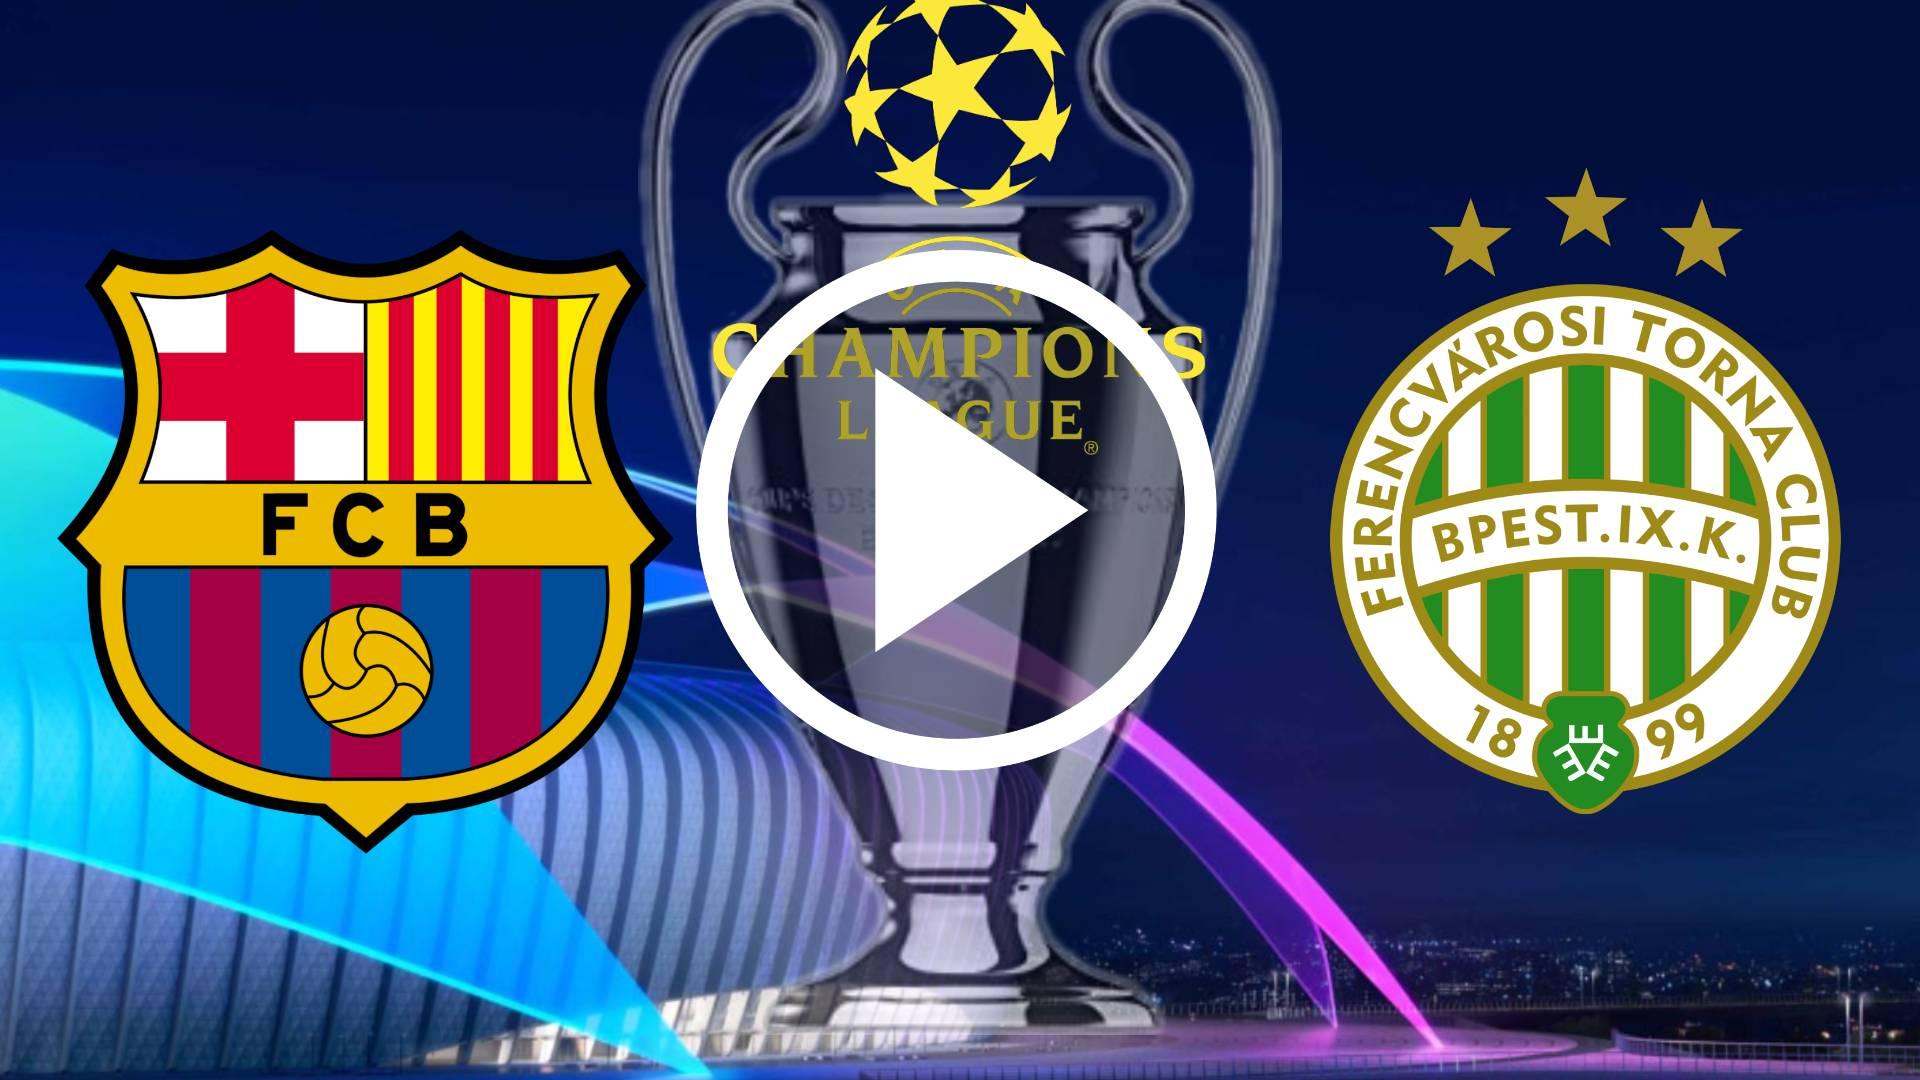 MIRAR AQUI EN DIRECTO FC Barcelona VS Ferencvaros